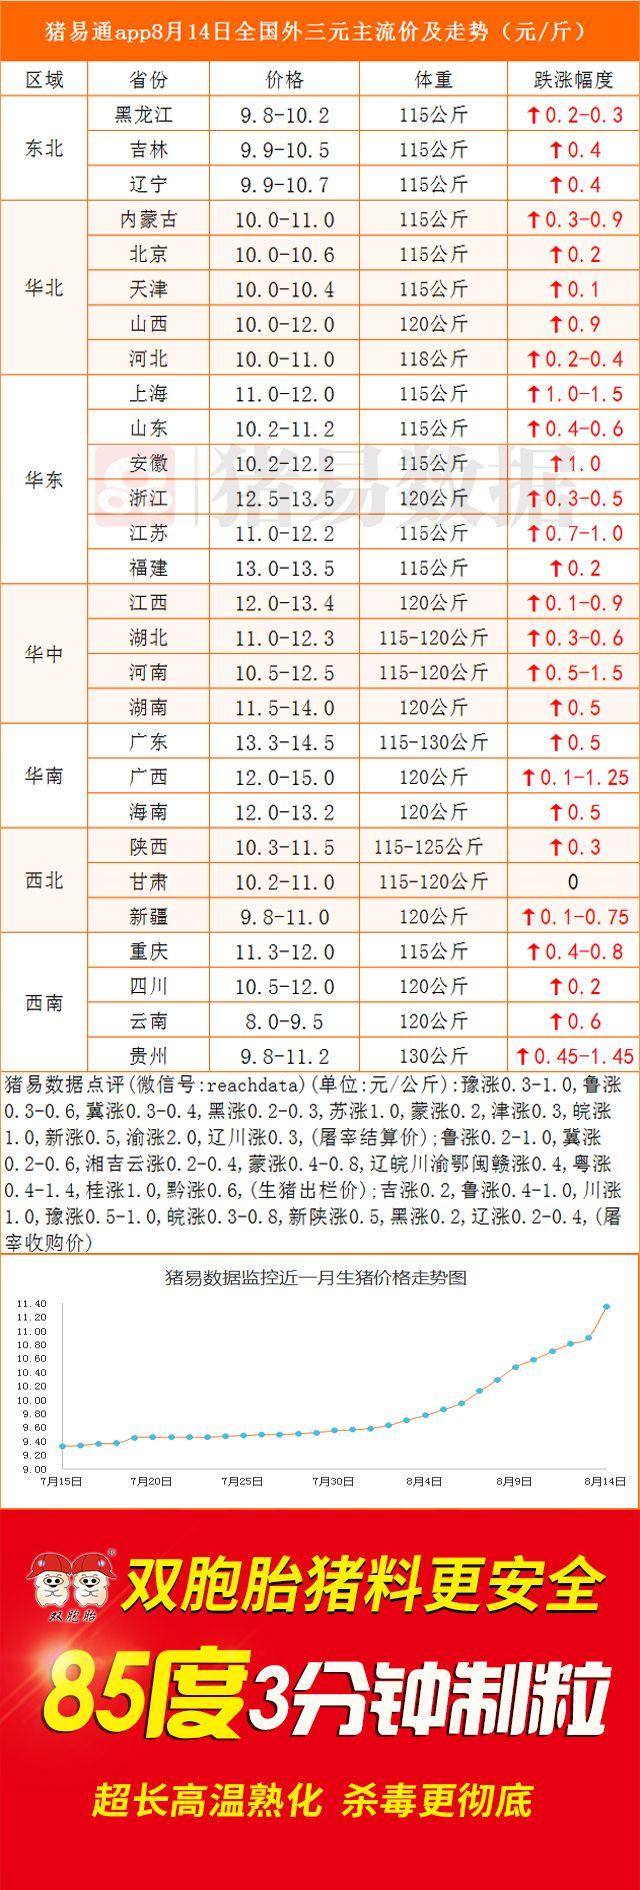 猪价继续走高  多地涨幅超1元/公斤